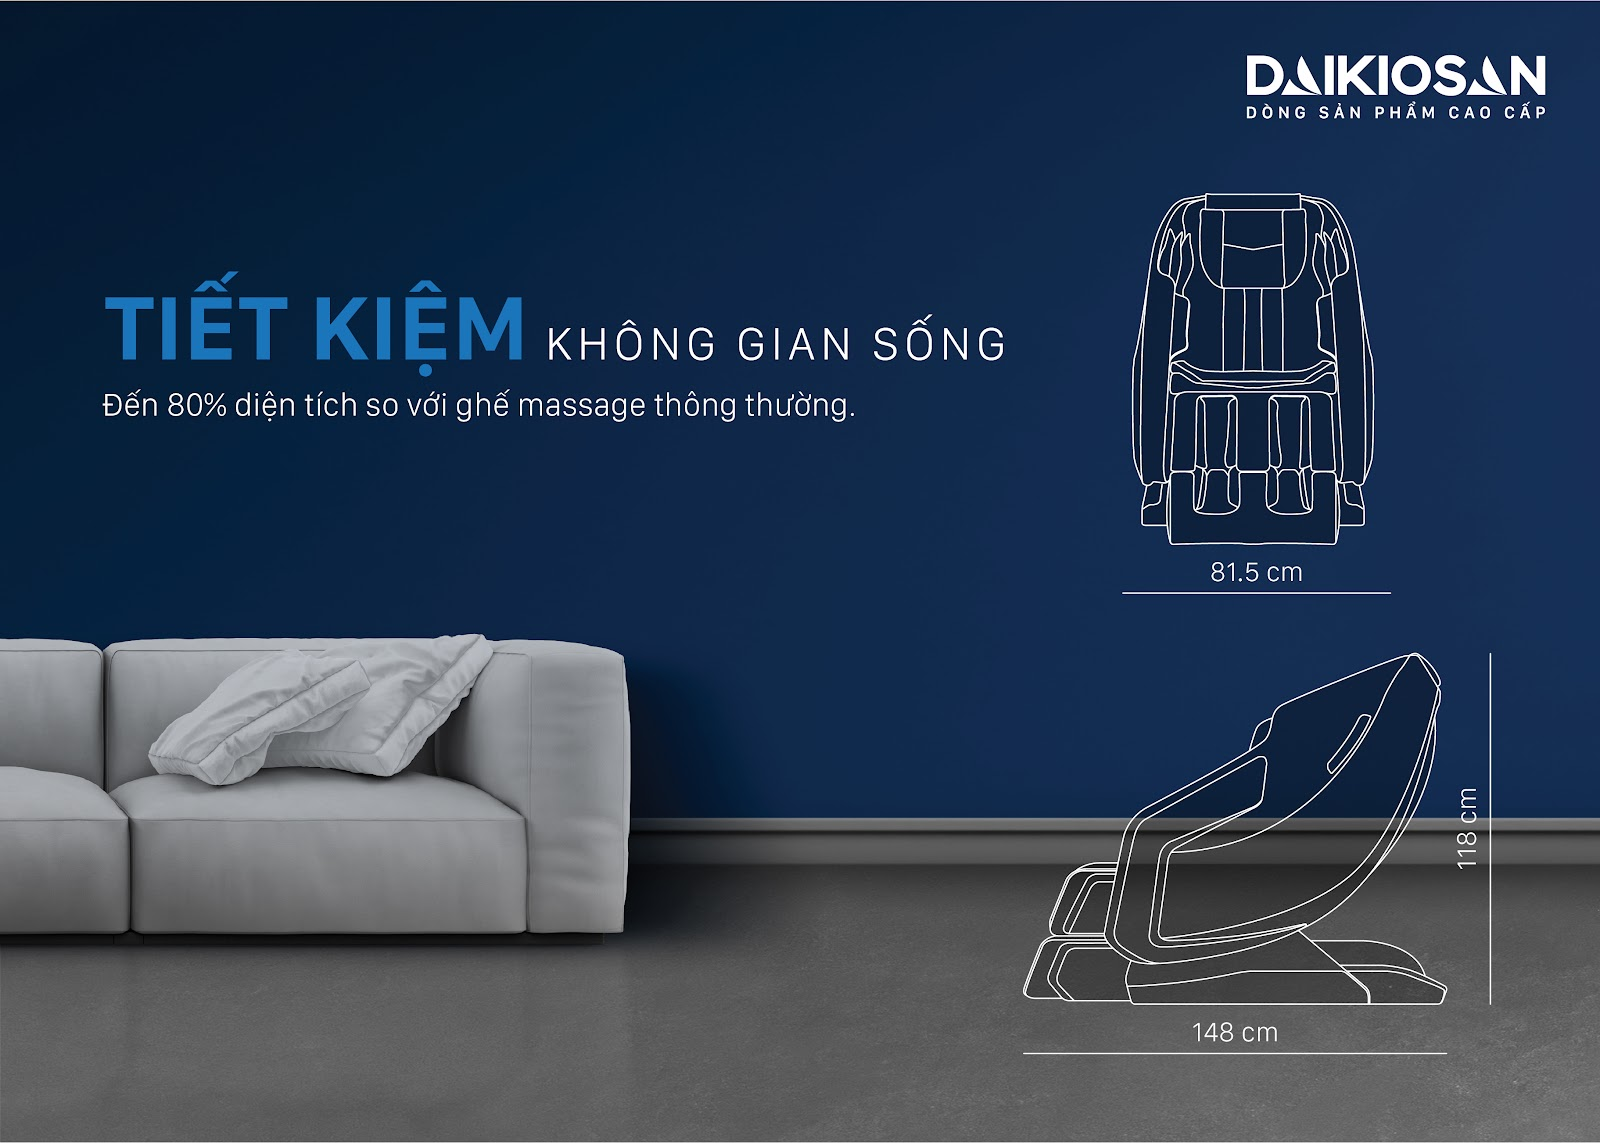 ghế massage thiết kế diện tích tối ưu, tiết kiệm không gian